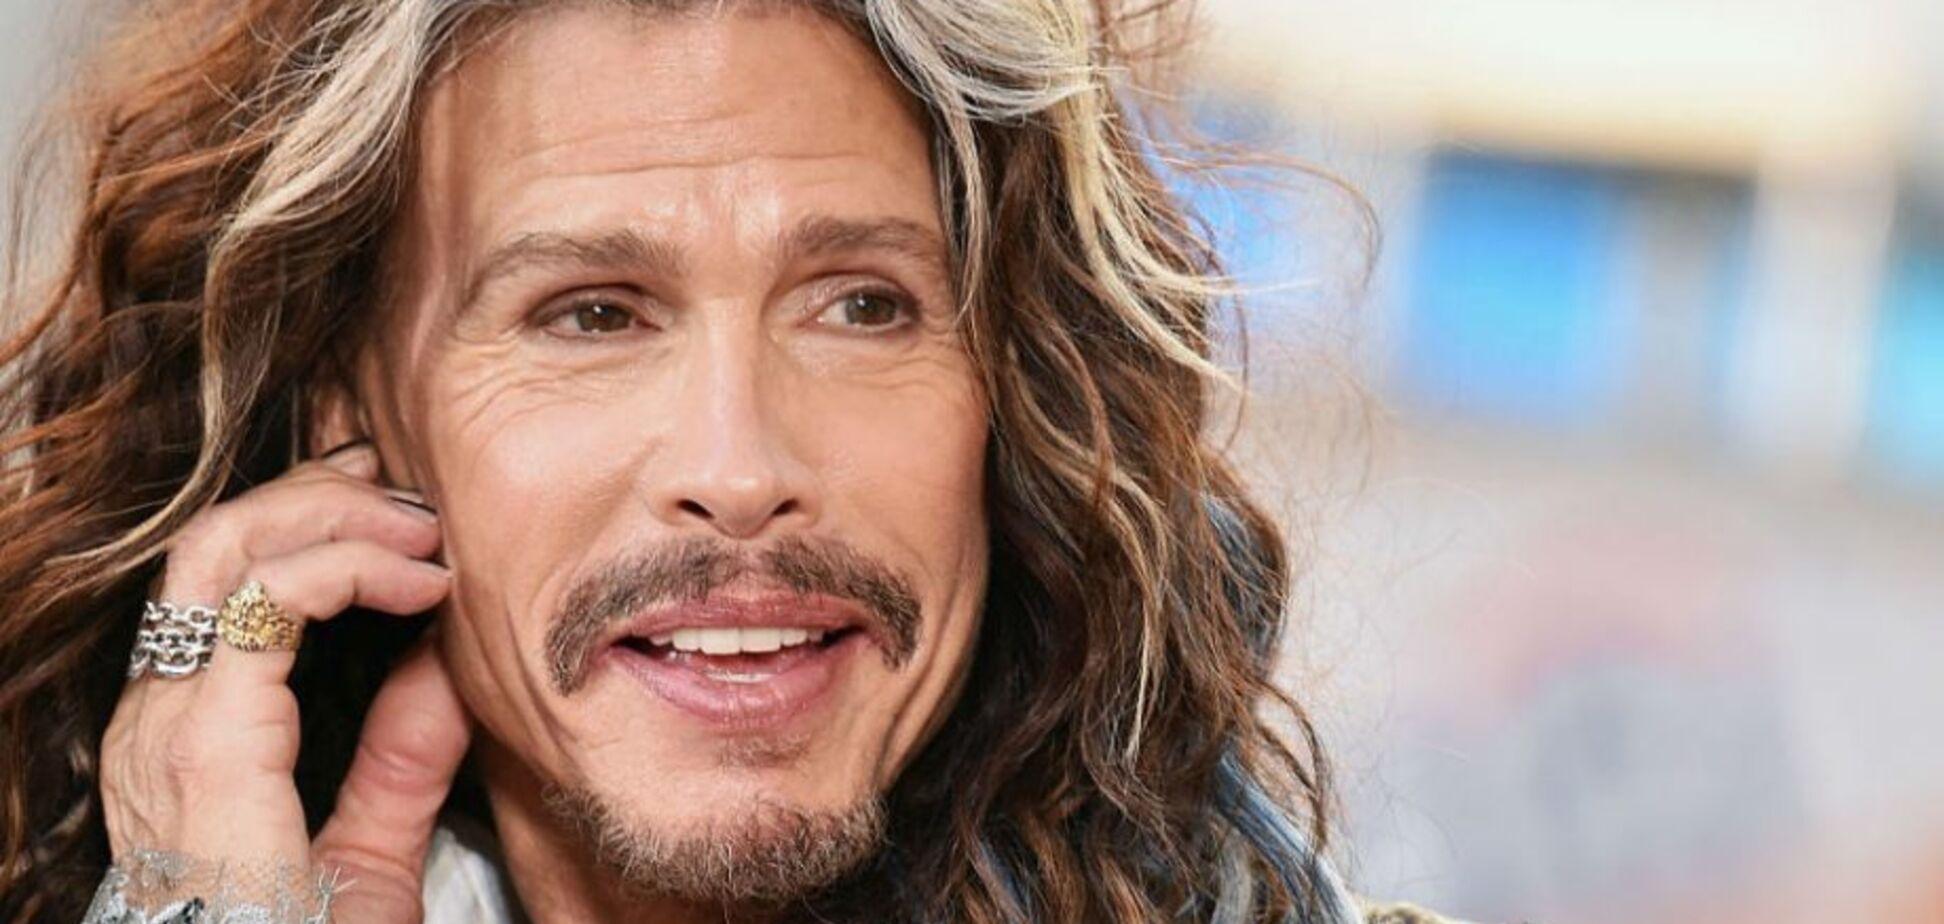 Лидер Aerosmith: ''Лучший способ залезть женщине в штаны - это одолжить ее джинсы''